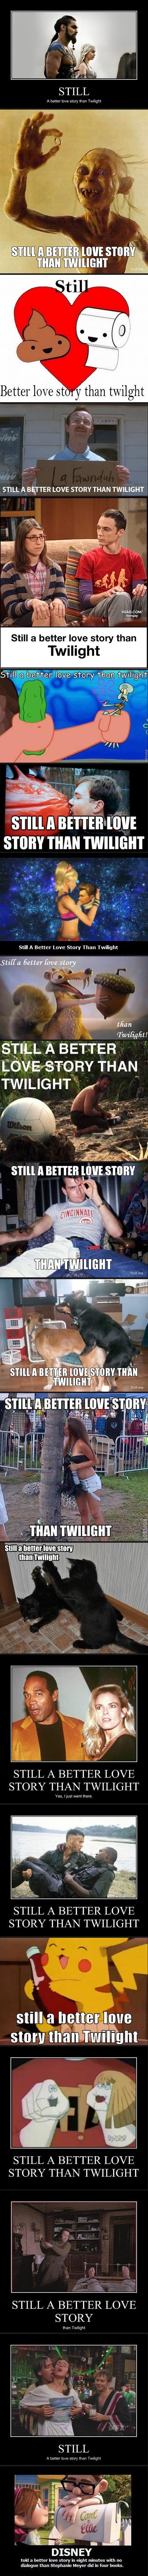 Still A Better Love Story Than Twilight. twitter.com/#!/Alheath4L. STILL A B' TTER LOVE STORY THAN TWILIGHT mm F STILL II ' DIIE STORY THAN TWILIGHT dwilight! S